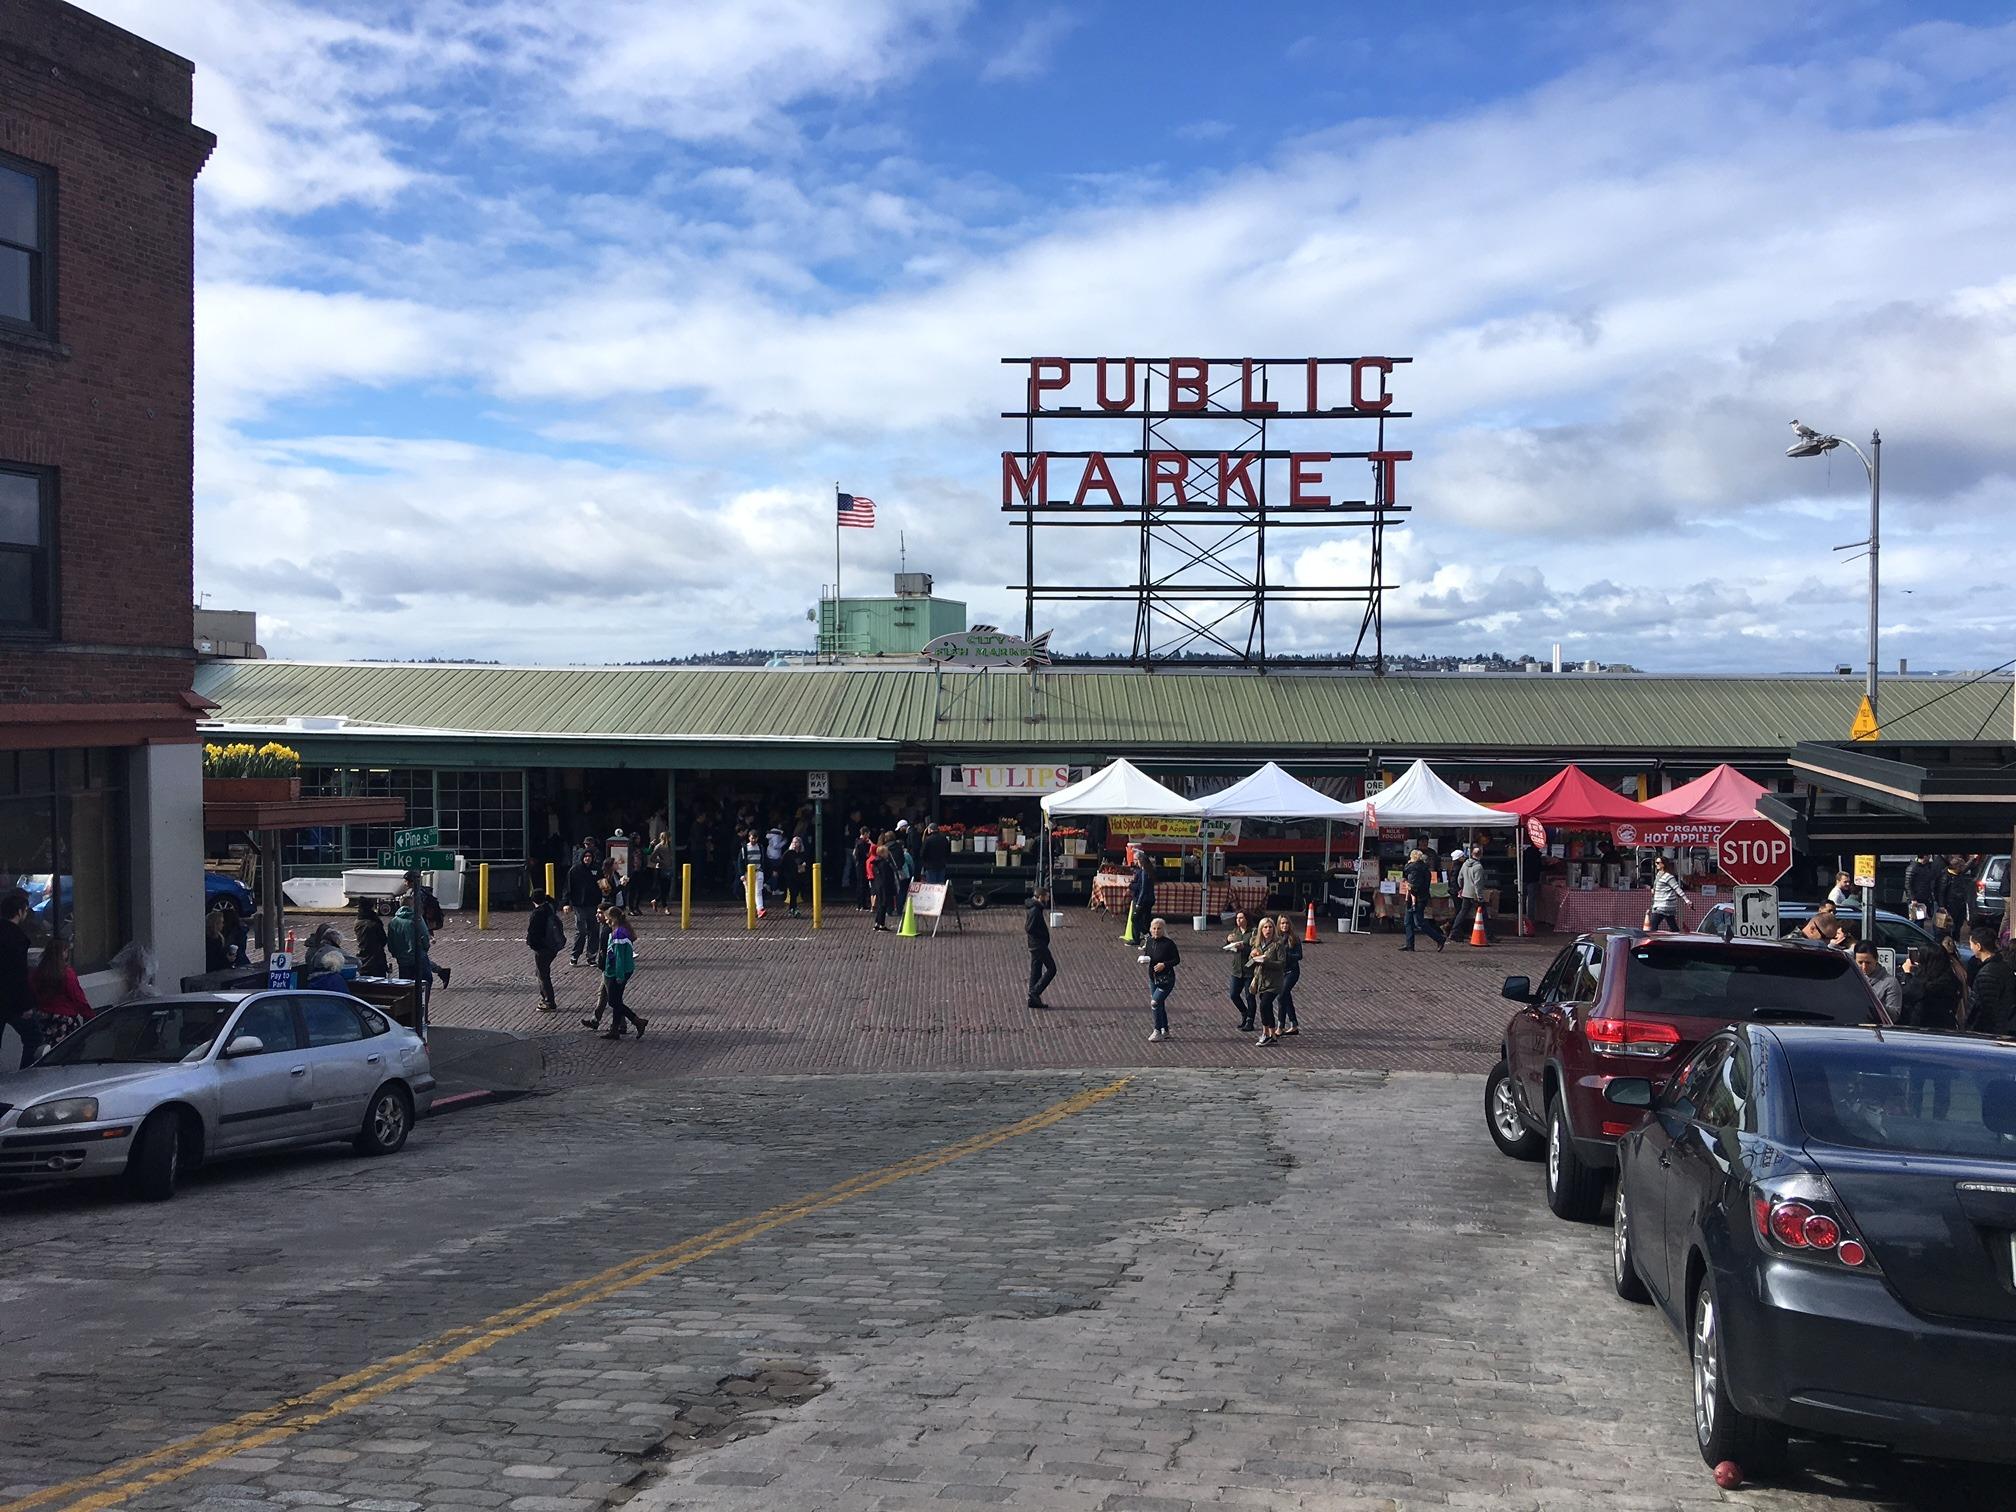 O Pike Market, mercado público famoso da cidade, é cheio de barraquinhas e flores, uma delícia de passeio! Conheça outras atrações legais de Seattle nesse post!